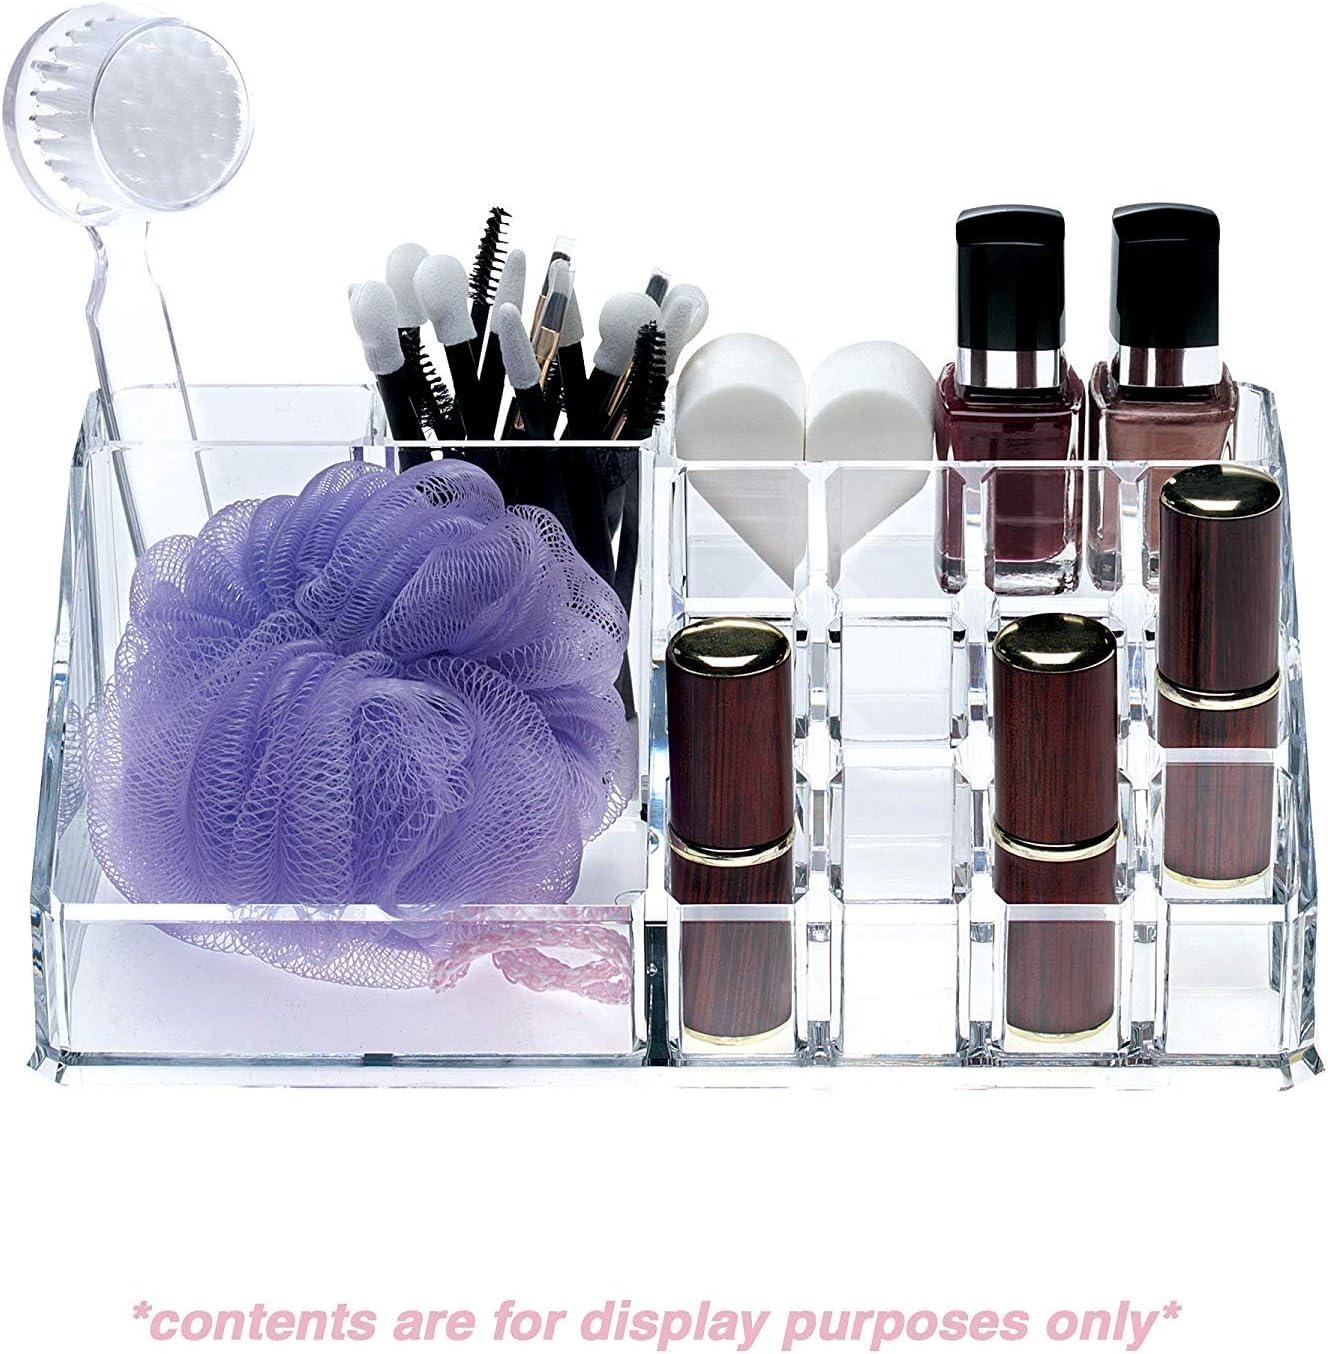 Acrylique Organisateur Pr/ésentoir Rouge /à L/èvres Crystal Clear pour Pinceau Vernis /à Ongle et Bijoux pour Femme Fille Bo/îte de Rangement Maquillage Cosm/étique Transparente